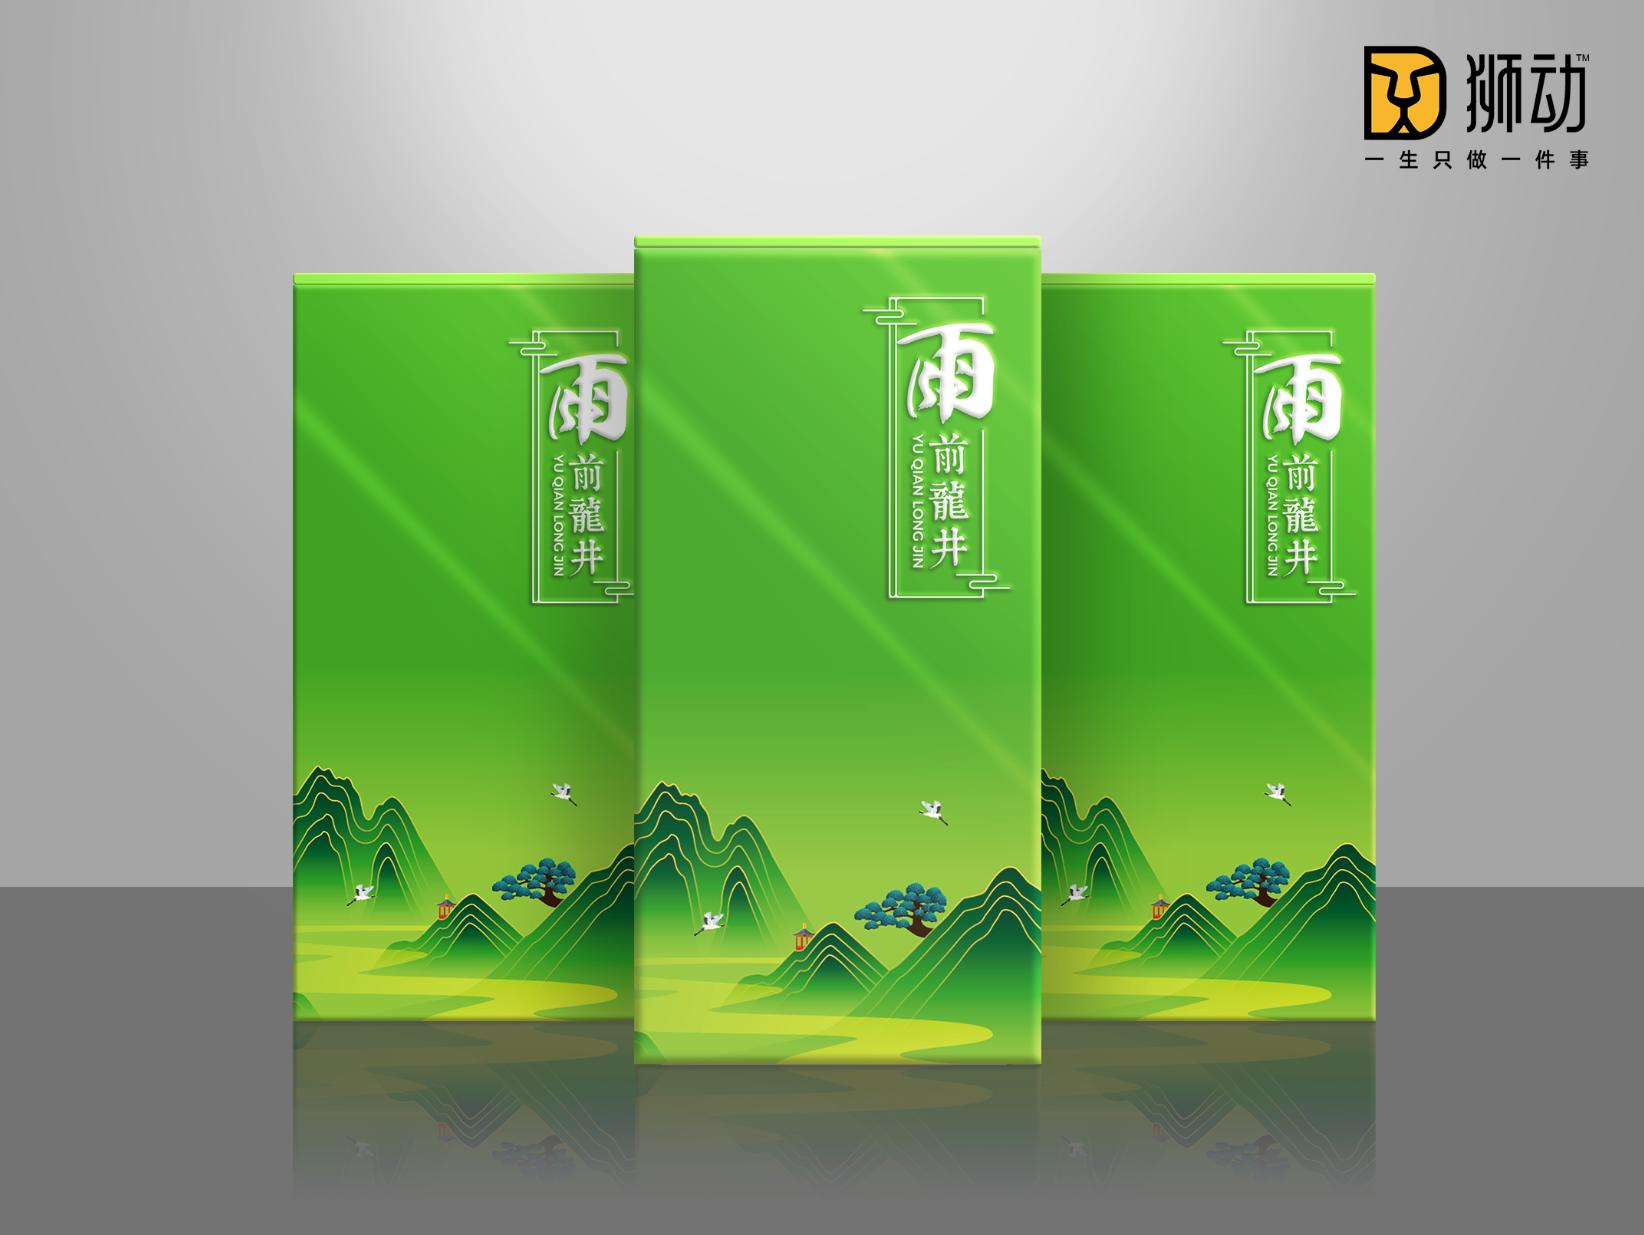 坚果零食农产品干货花茶叶白酒类调料食品瓶贴礼盒大米包装袋设计